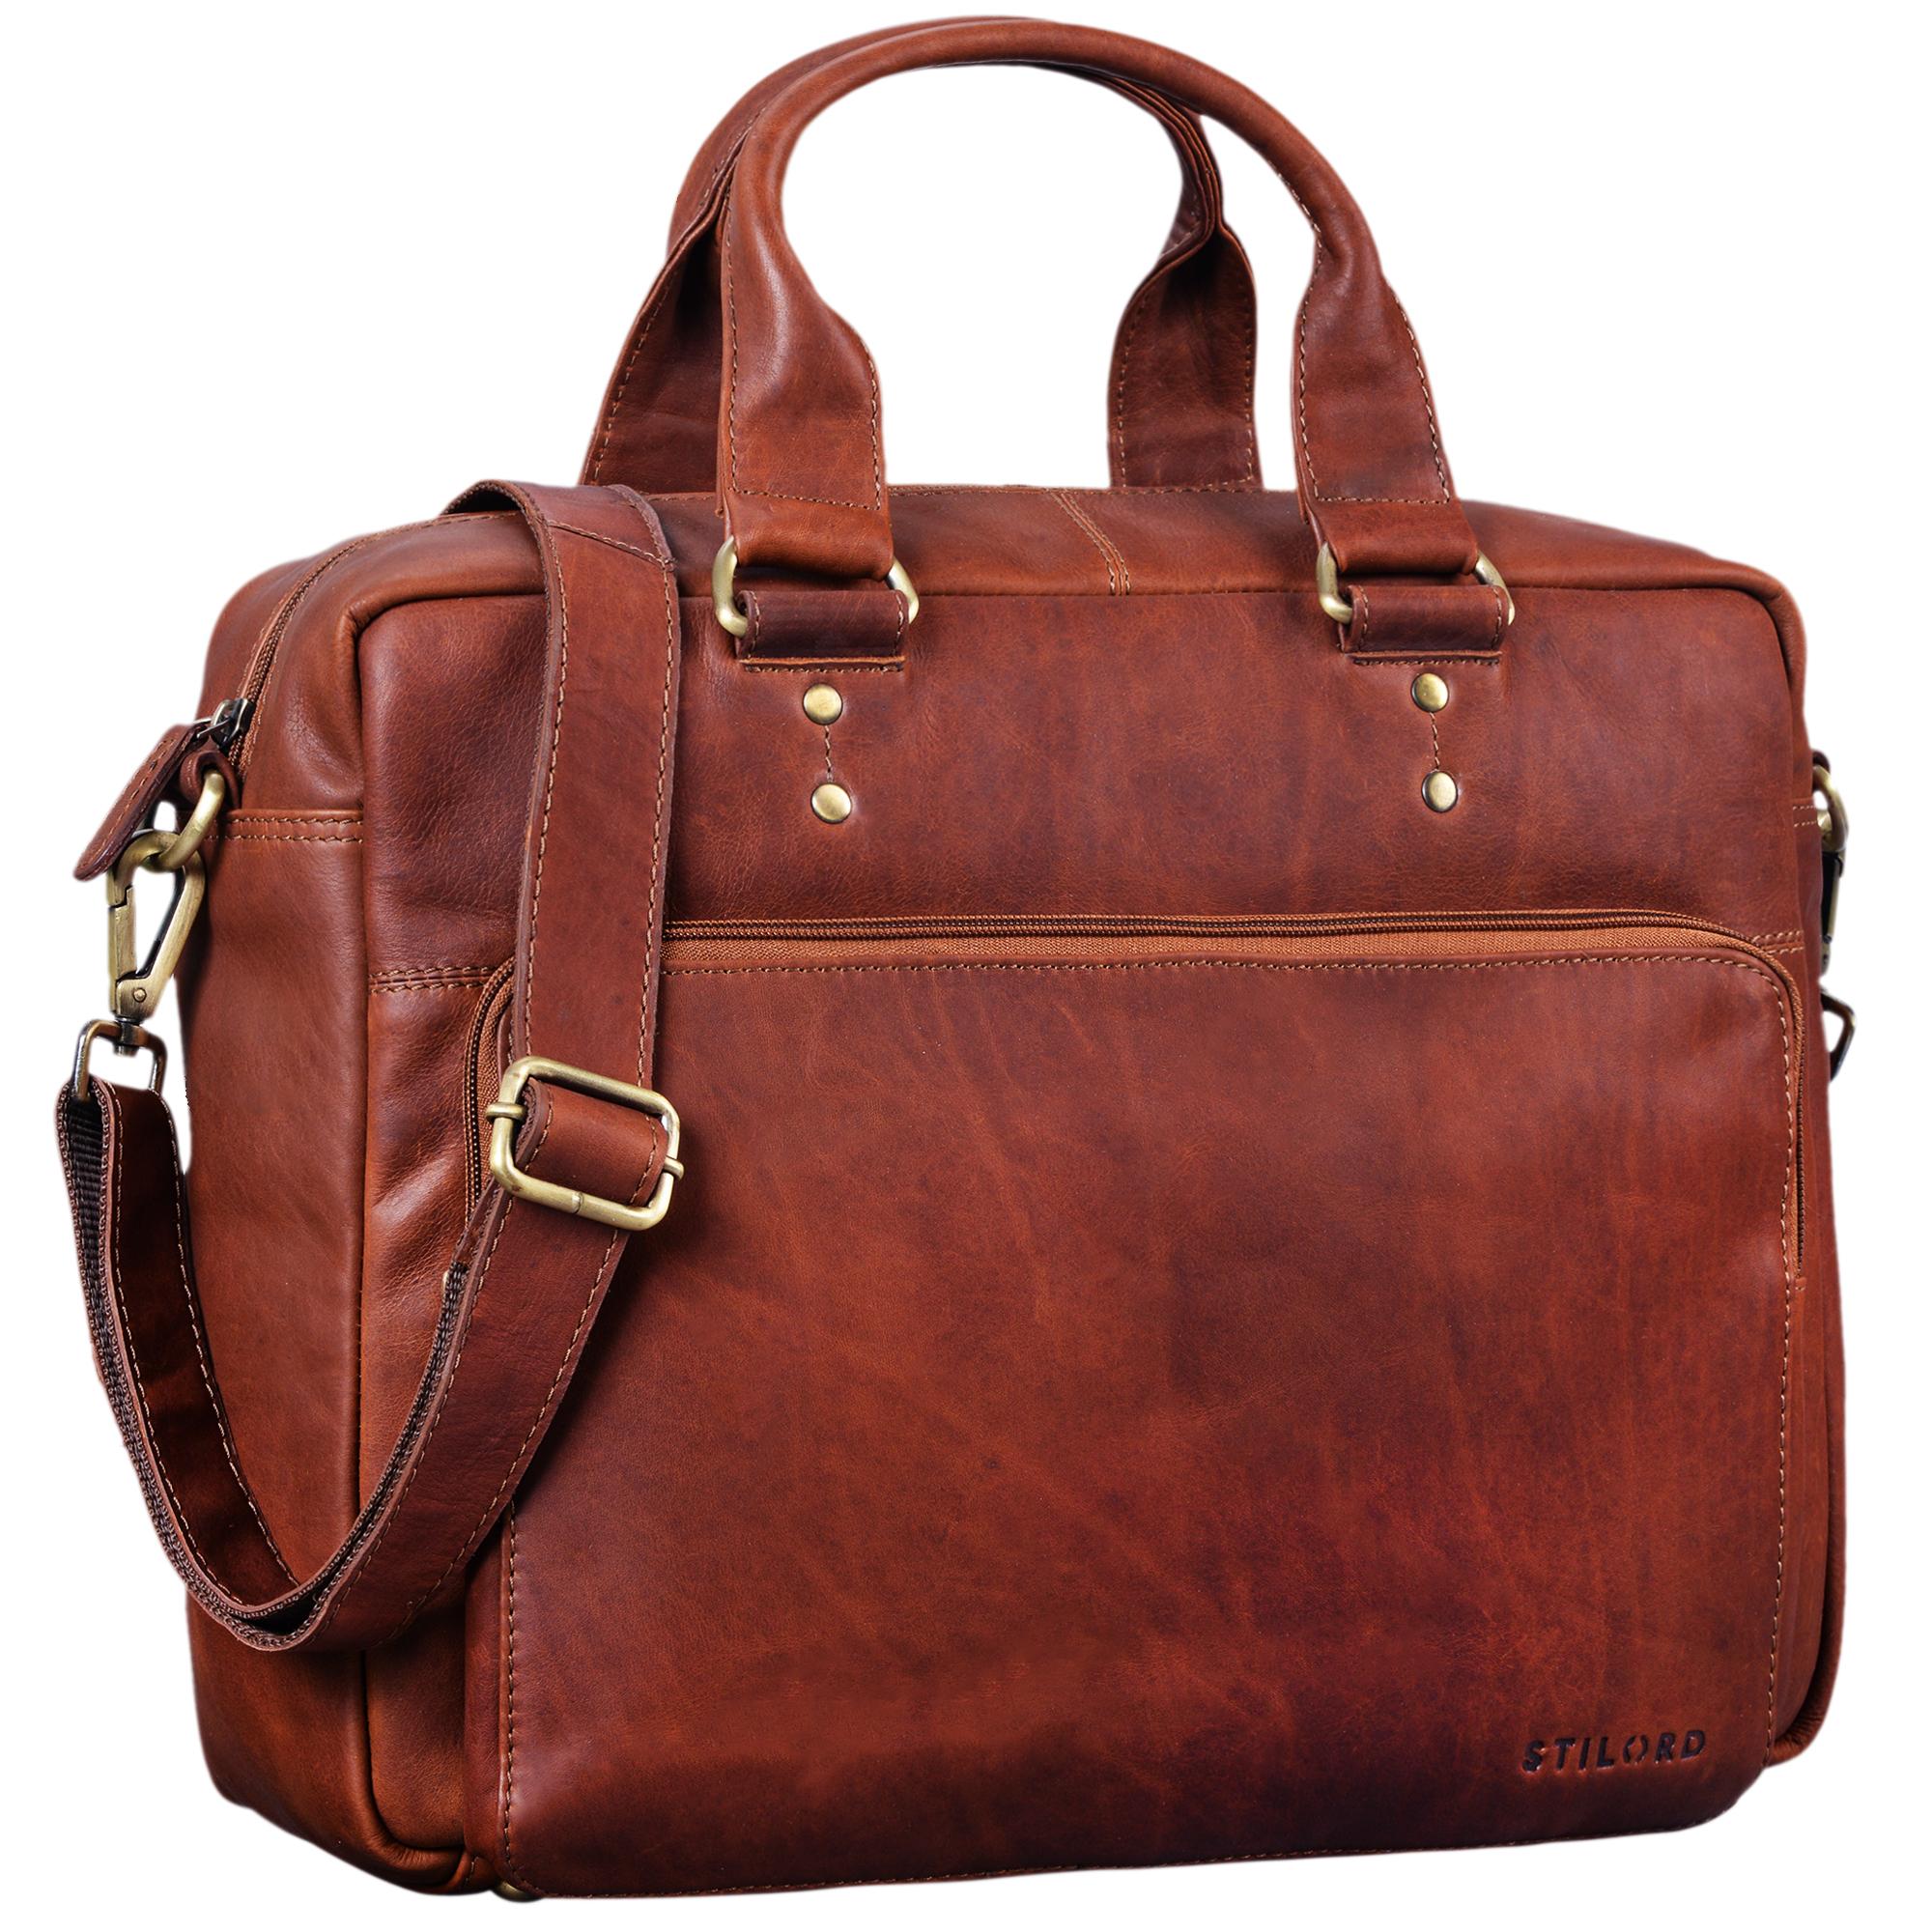 """STILORD """"Jack"""" Ledertasche Aktentasche Herren Vintage Umhängetasche für Büro Business Arbeit 13,3 Zoll Laptoptasche für große DIN A4 Aktenordner echtes Leder - Bild 11"""